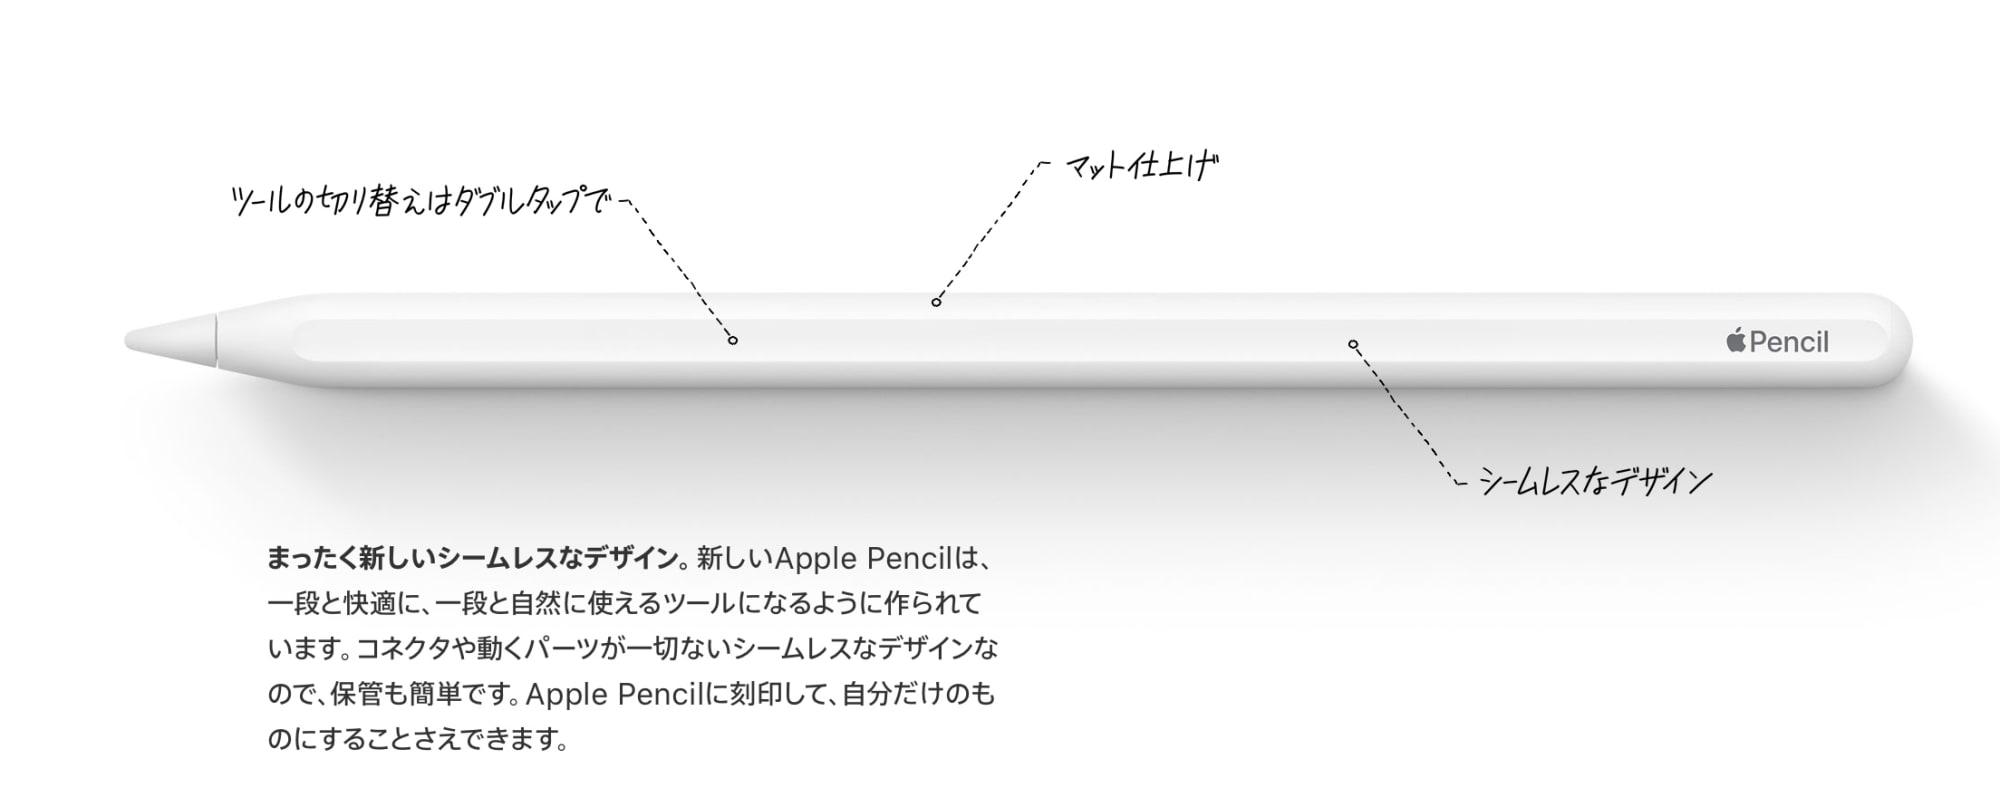 シームレスデザインのApple Pencil(アップルペンシル)